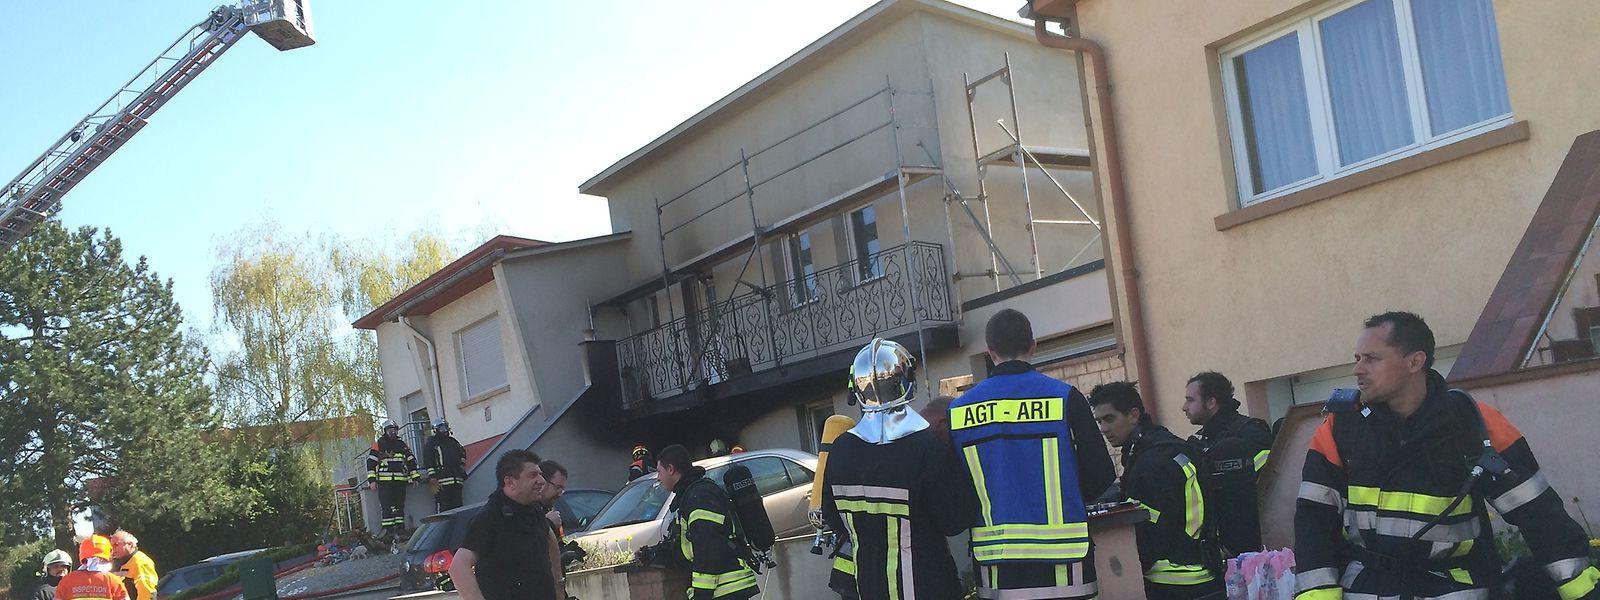 Bei dem Brand wurde niemand ernsthaft verletzt.